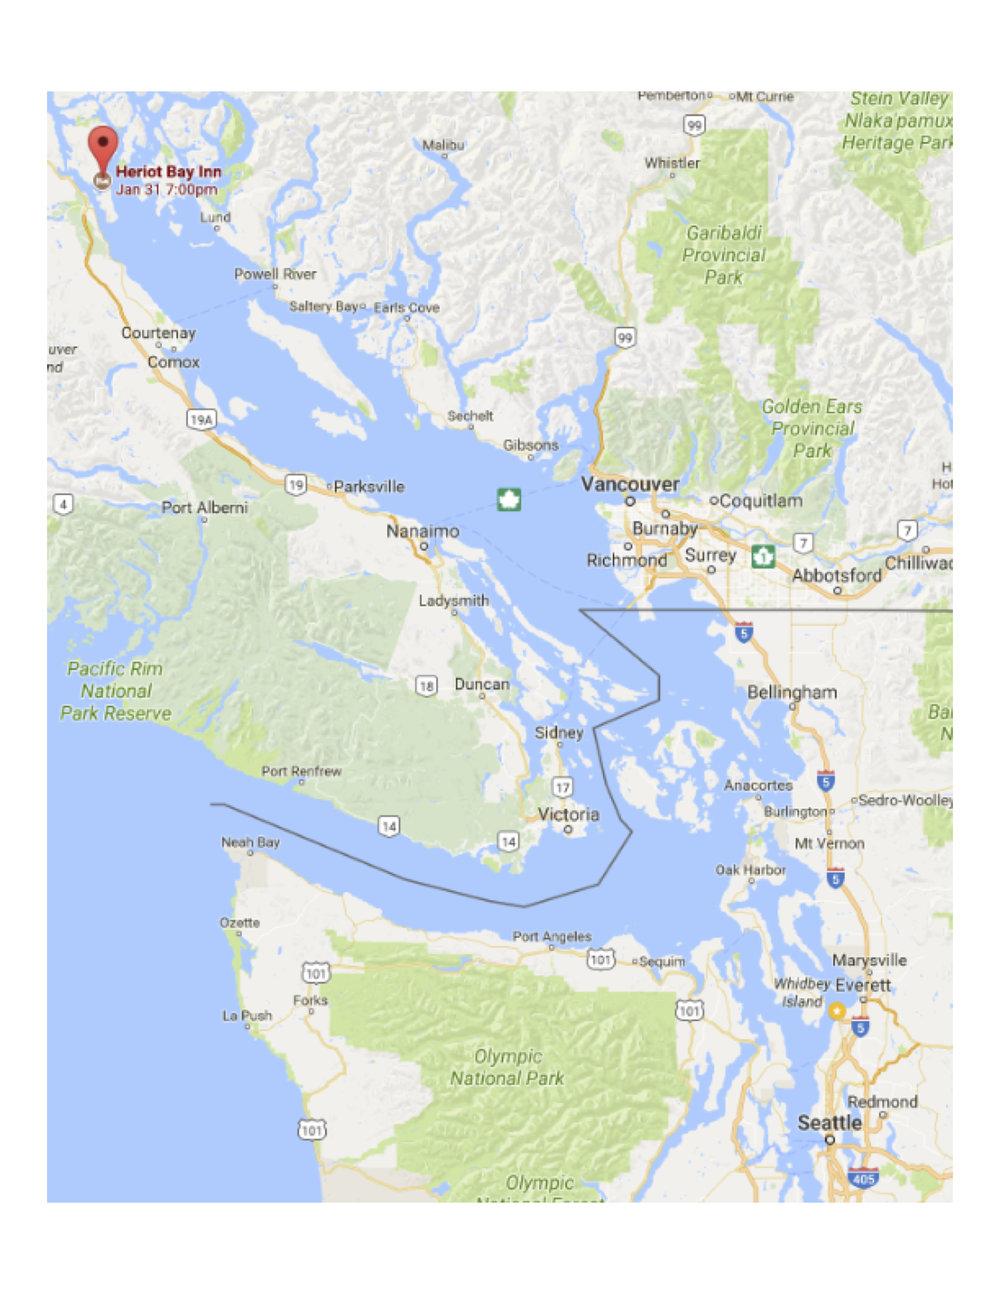 Heriot Bay Inn map.jpg